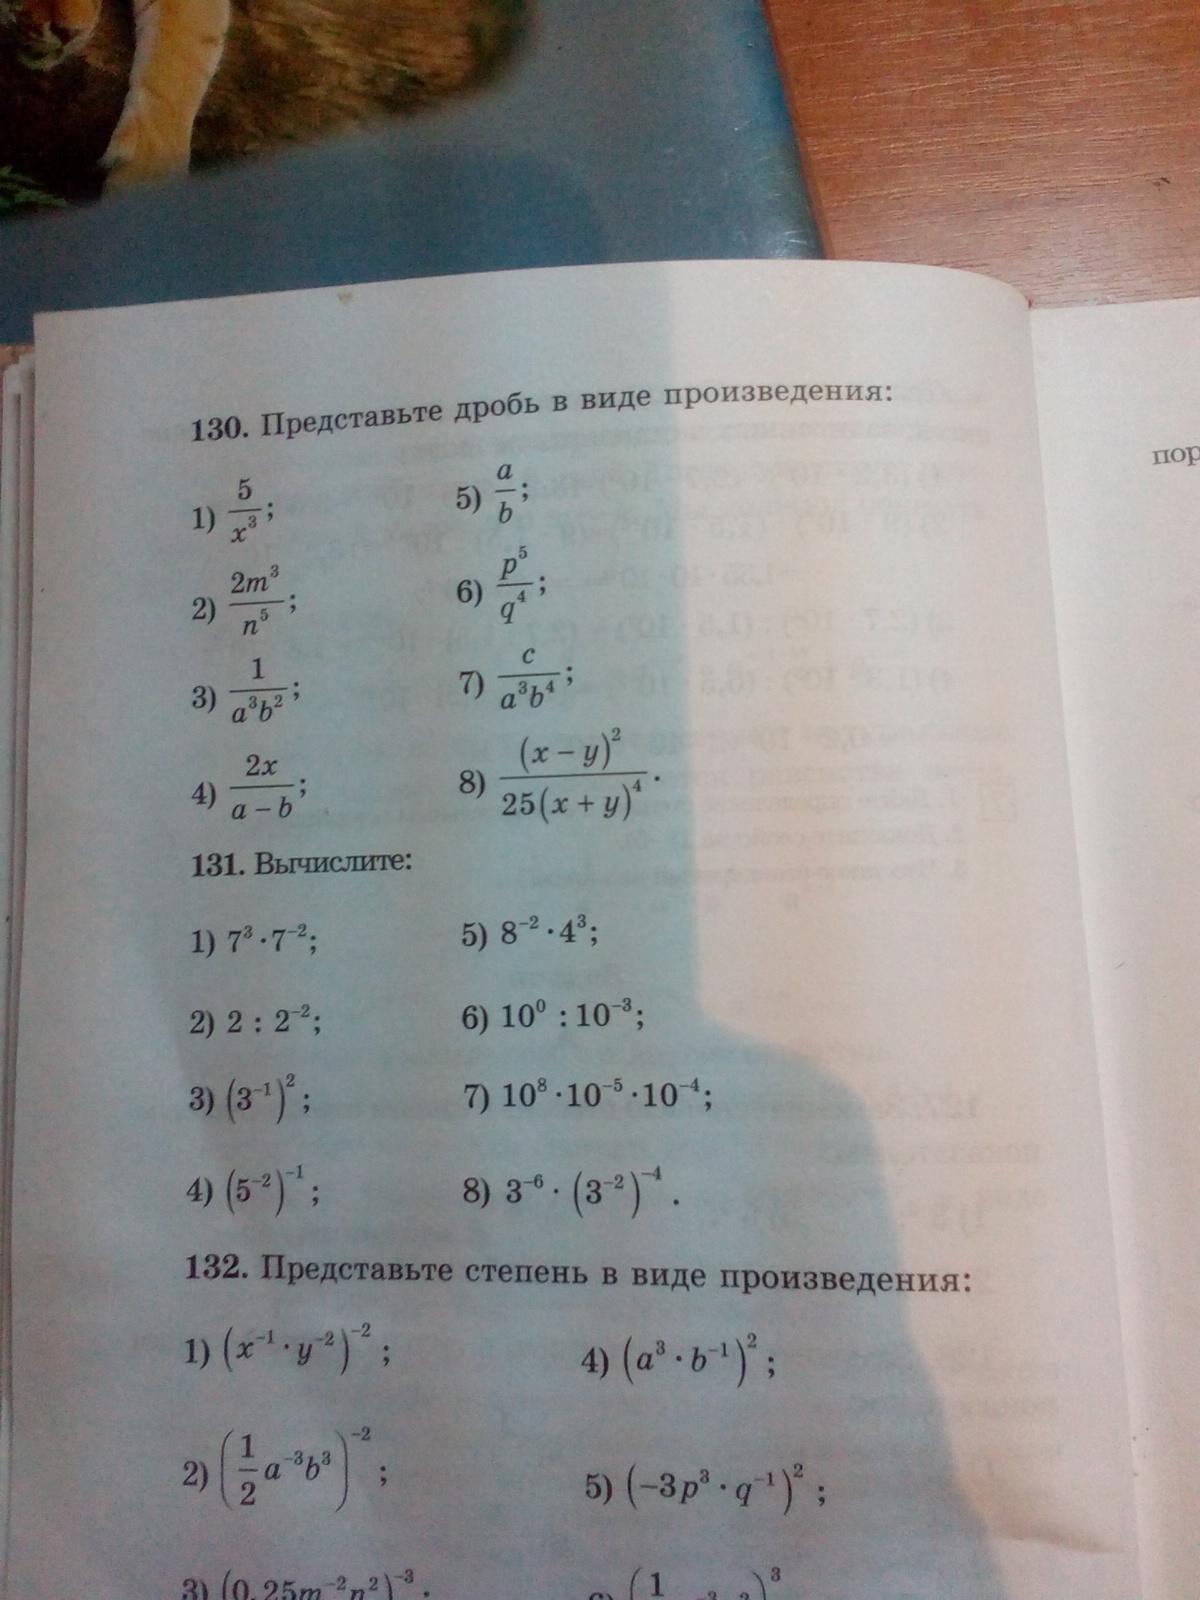 Как связаться с администрацией ВКонтакте.